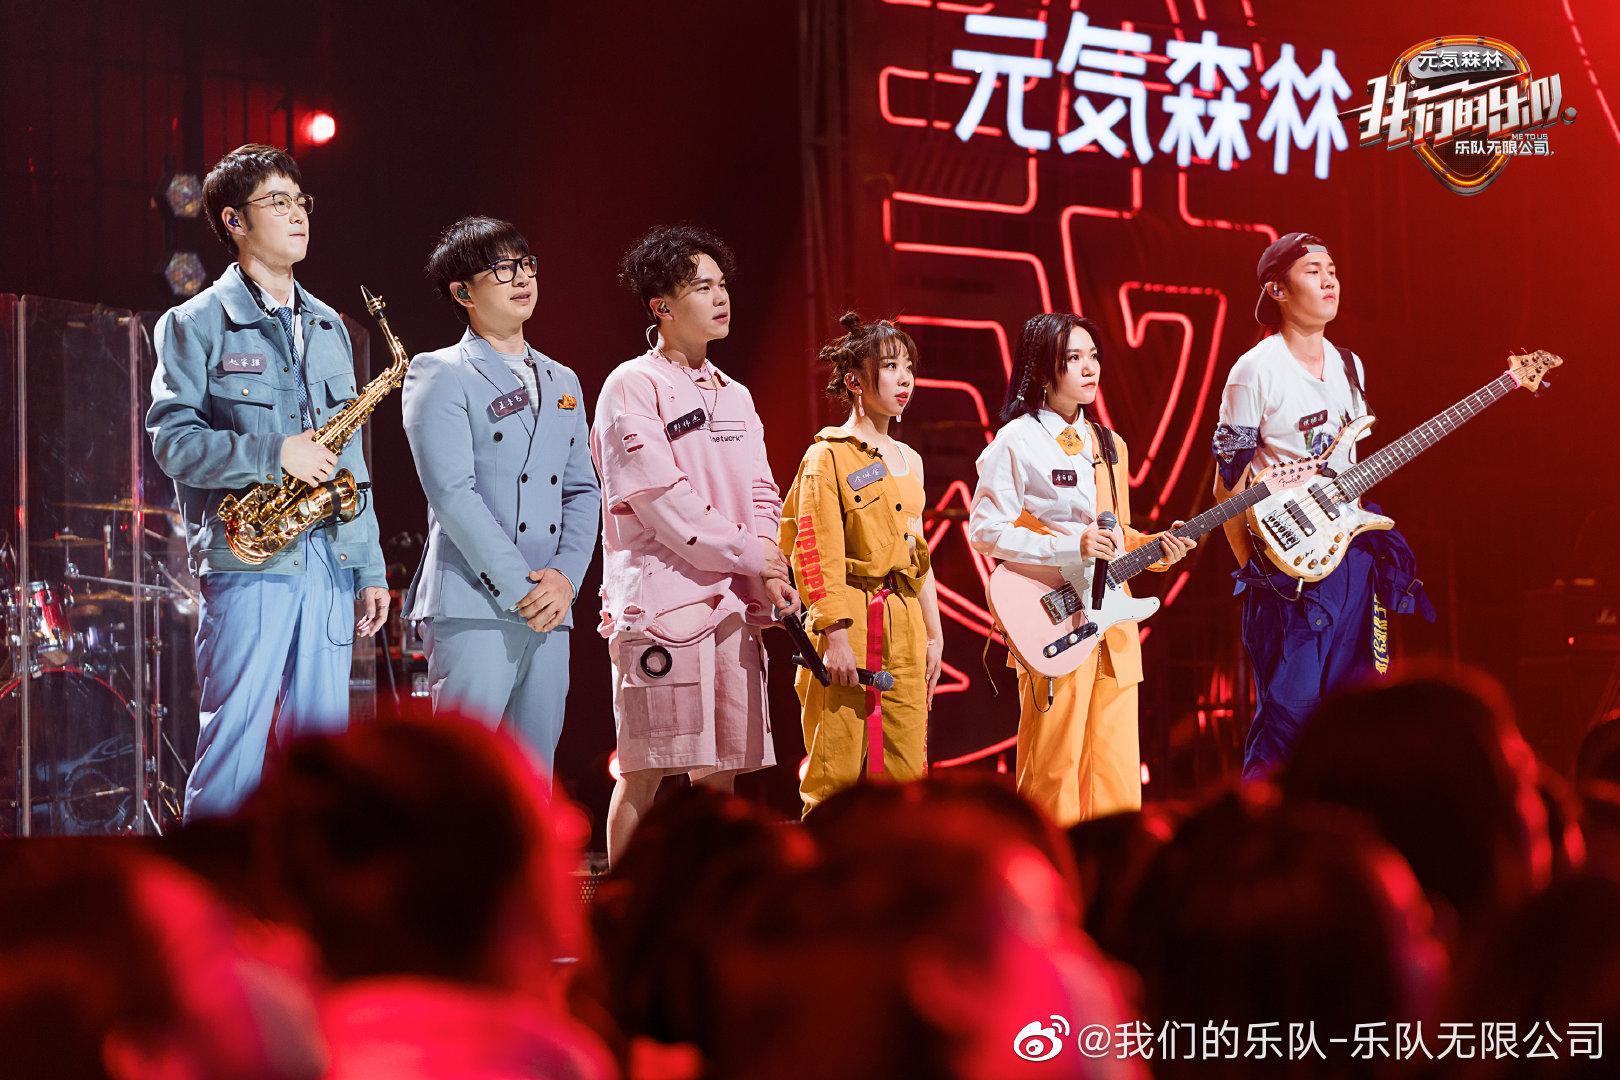 《我们的乐队》新预告出炉:王俊凯主持时犯错,邓紫棋忍不住学他